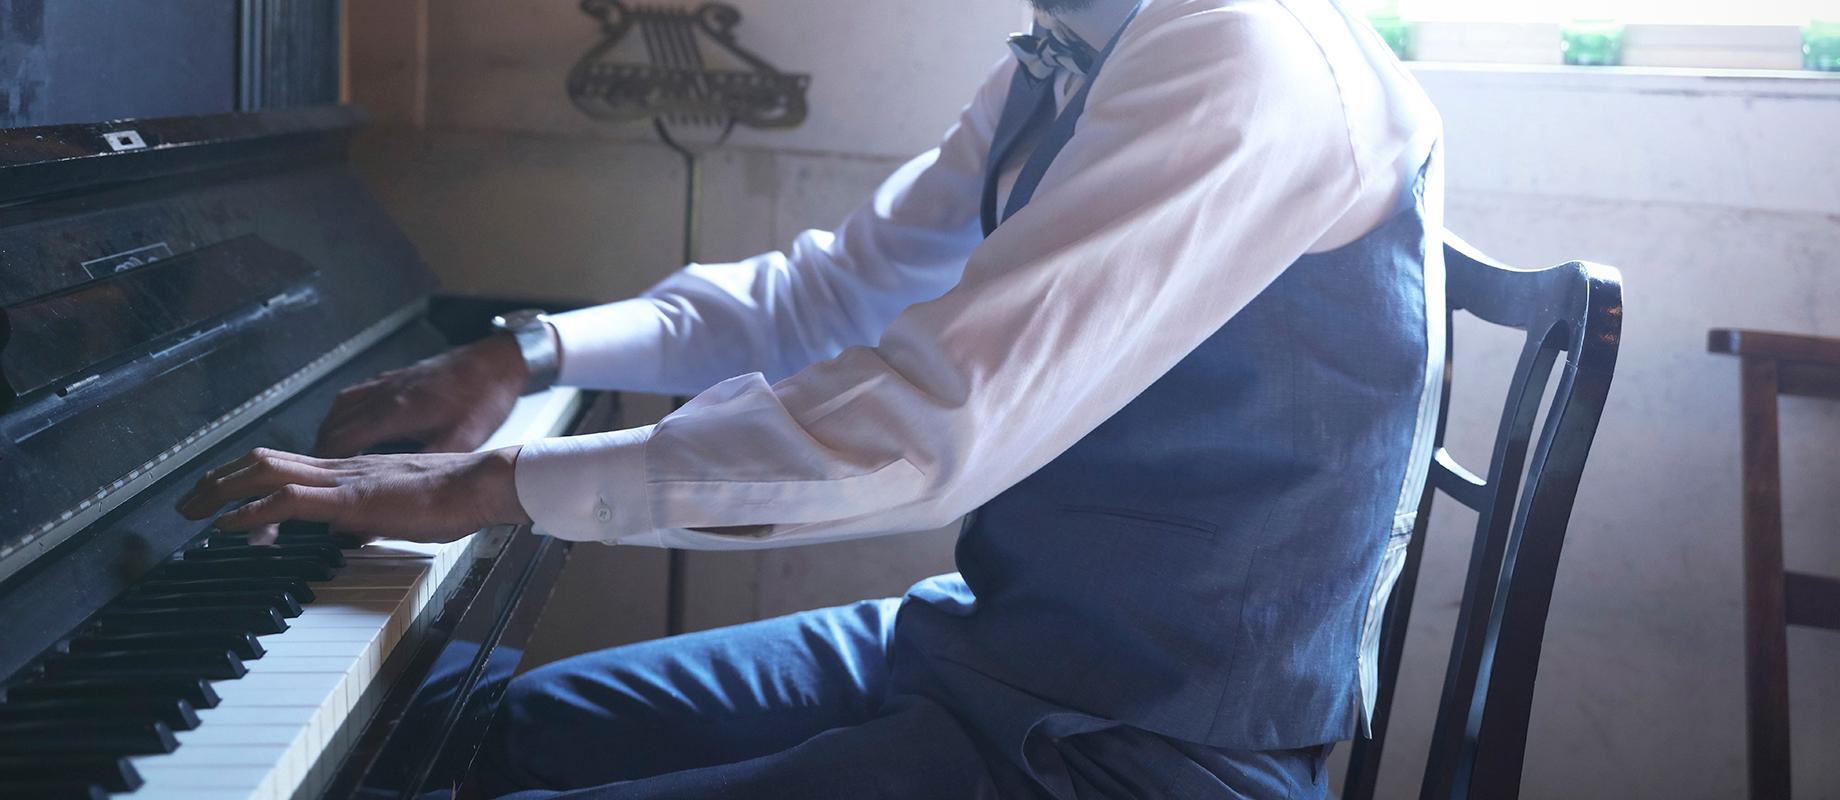 ジャズピアノ科のレッスン画像